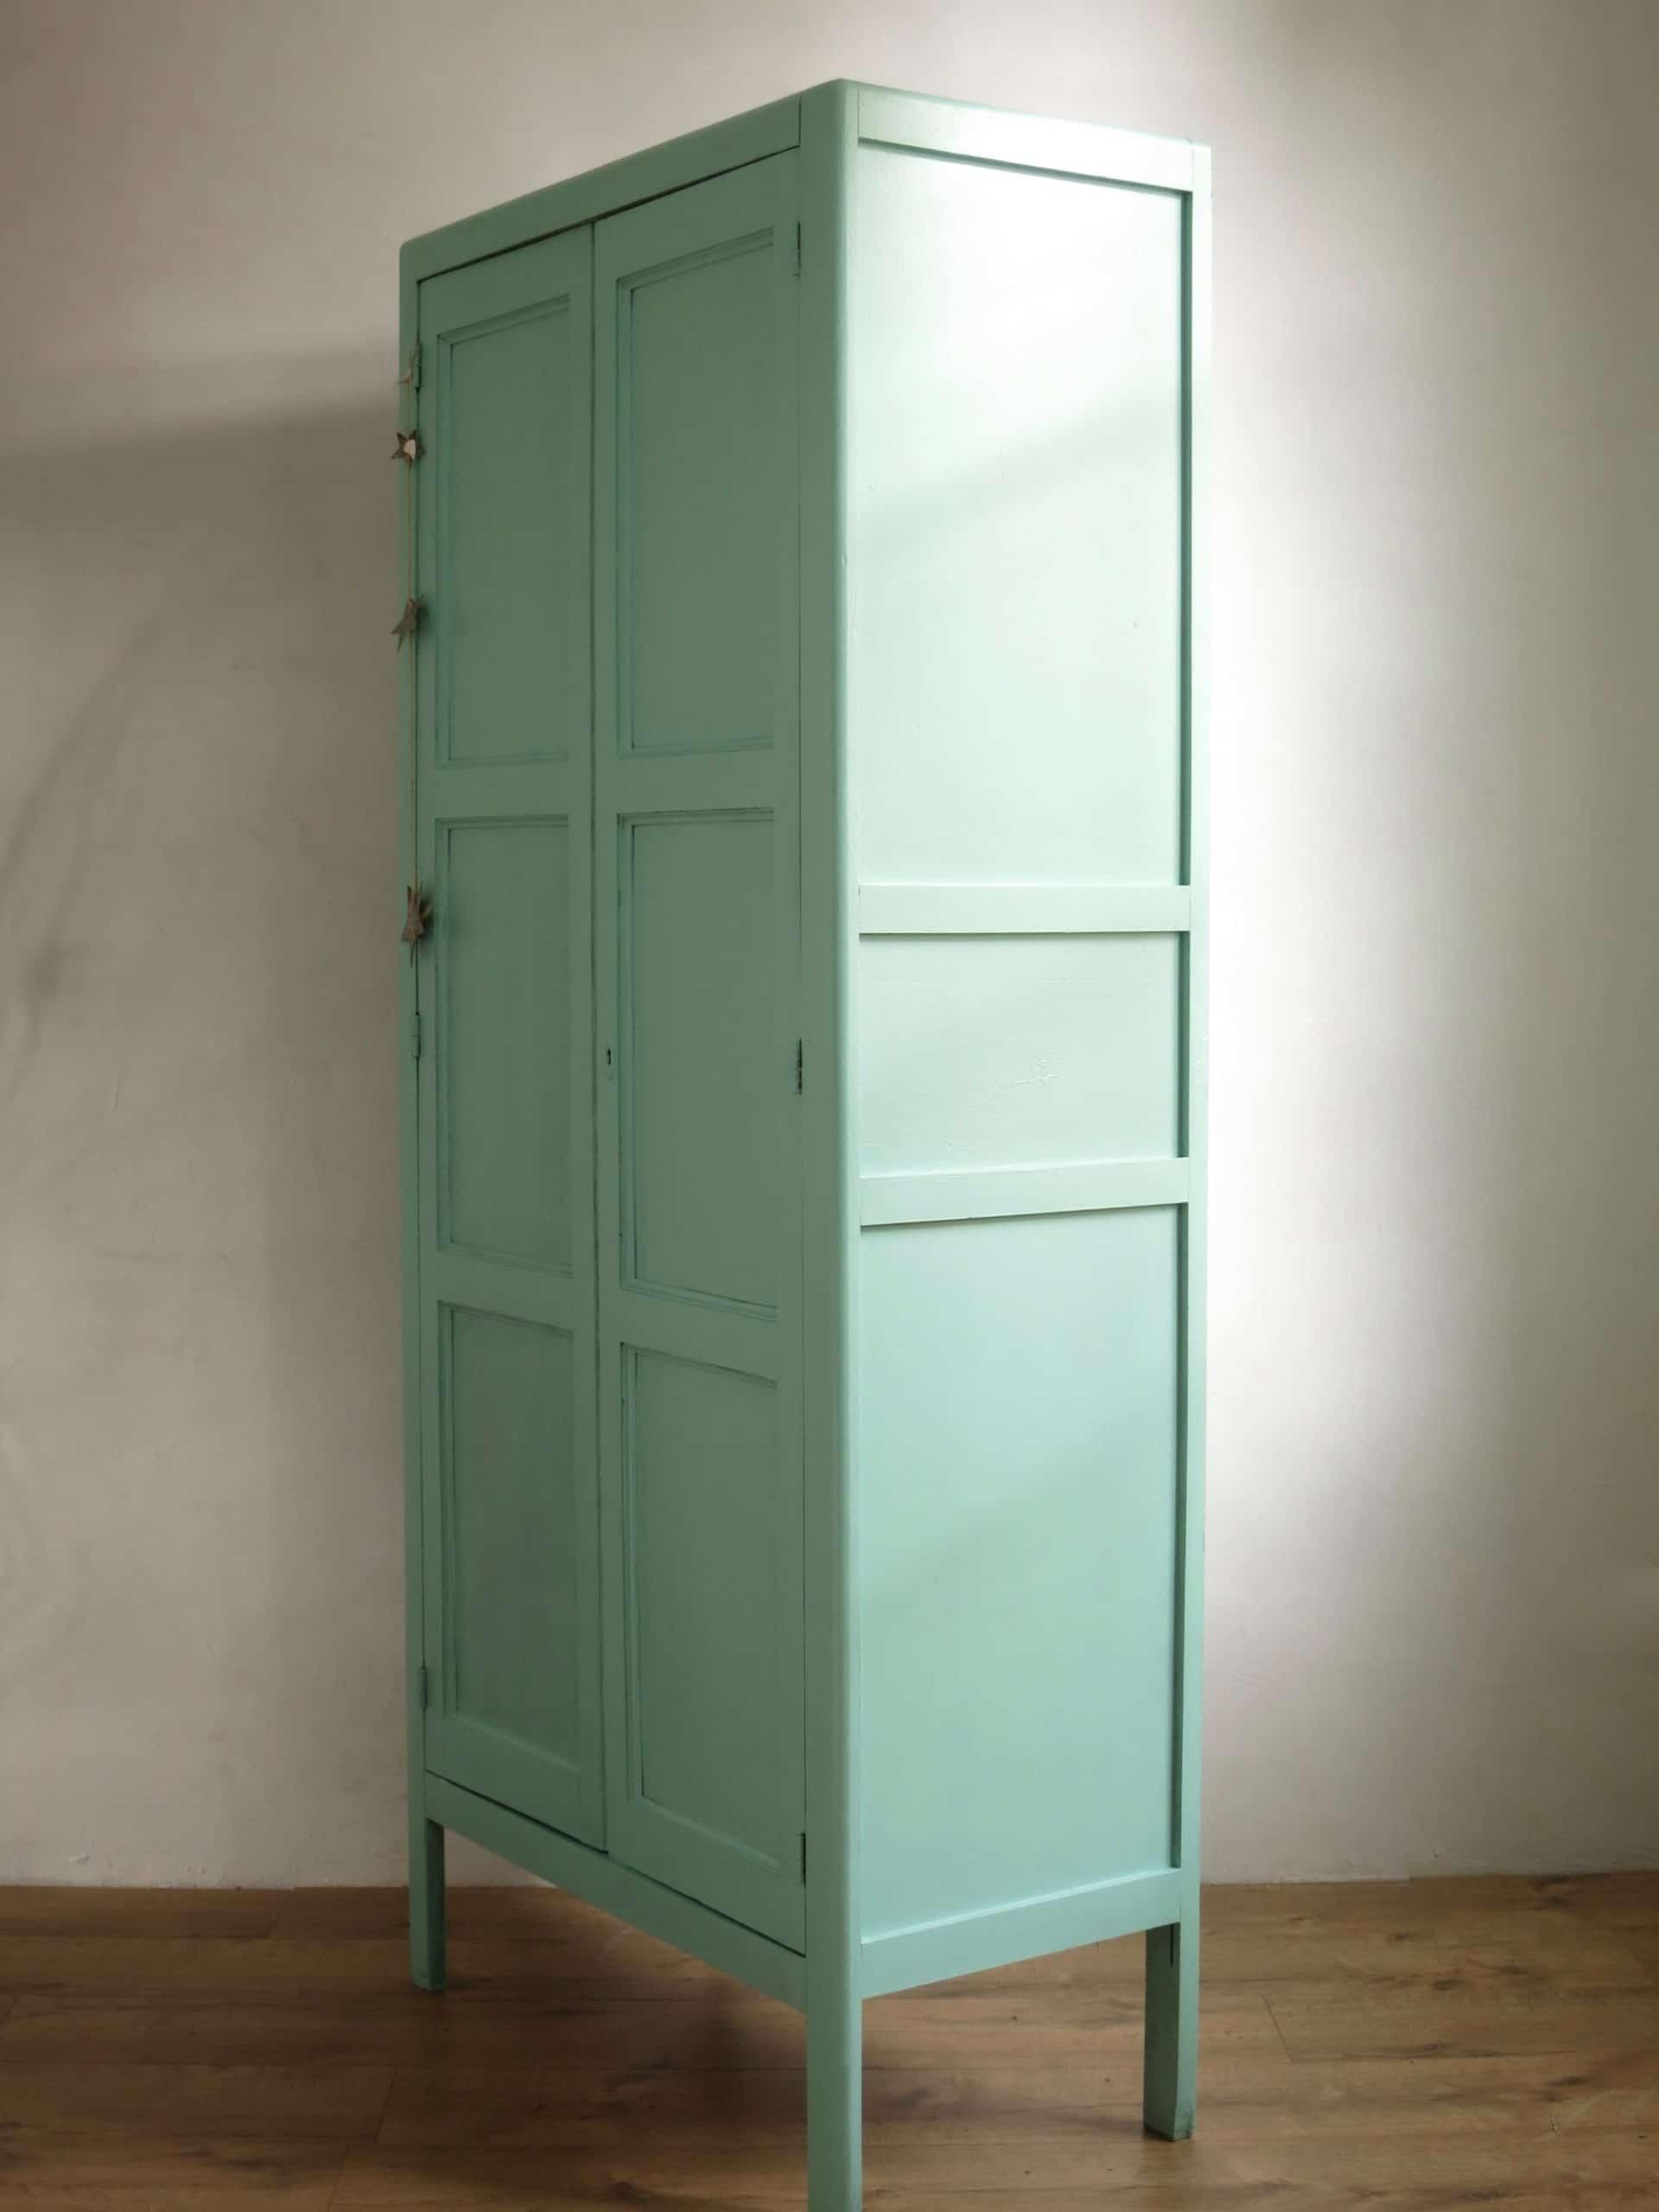 Armoire parisienne armoire vintage maints vert mente - Armoire parisienne vintage ...